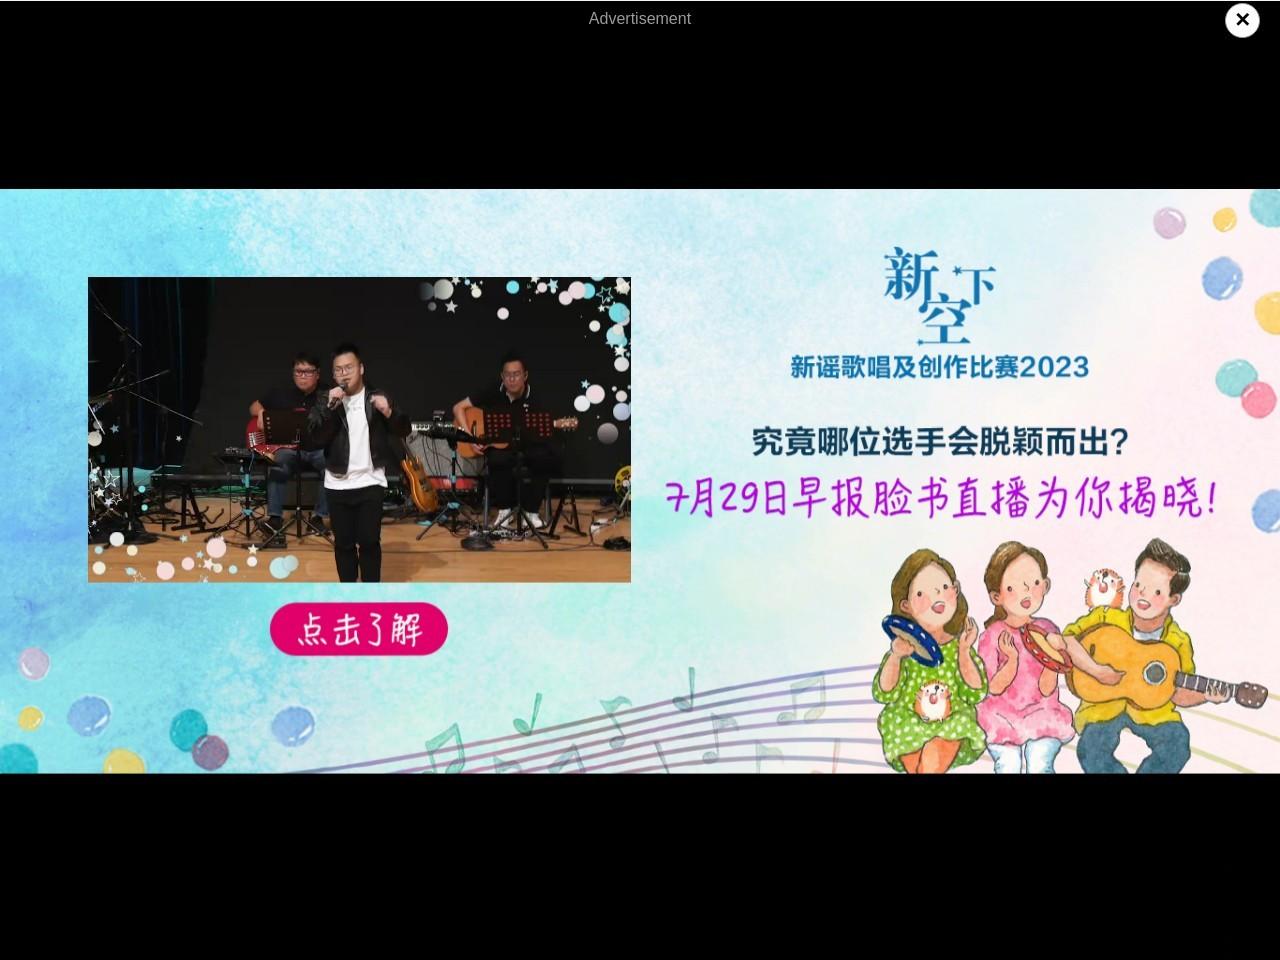 新加坡联合早报网